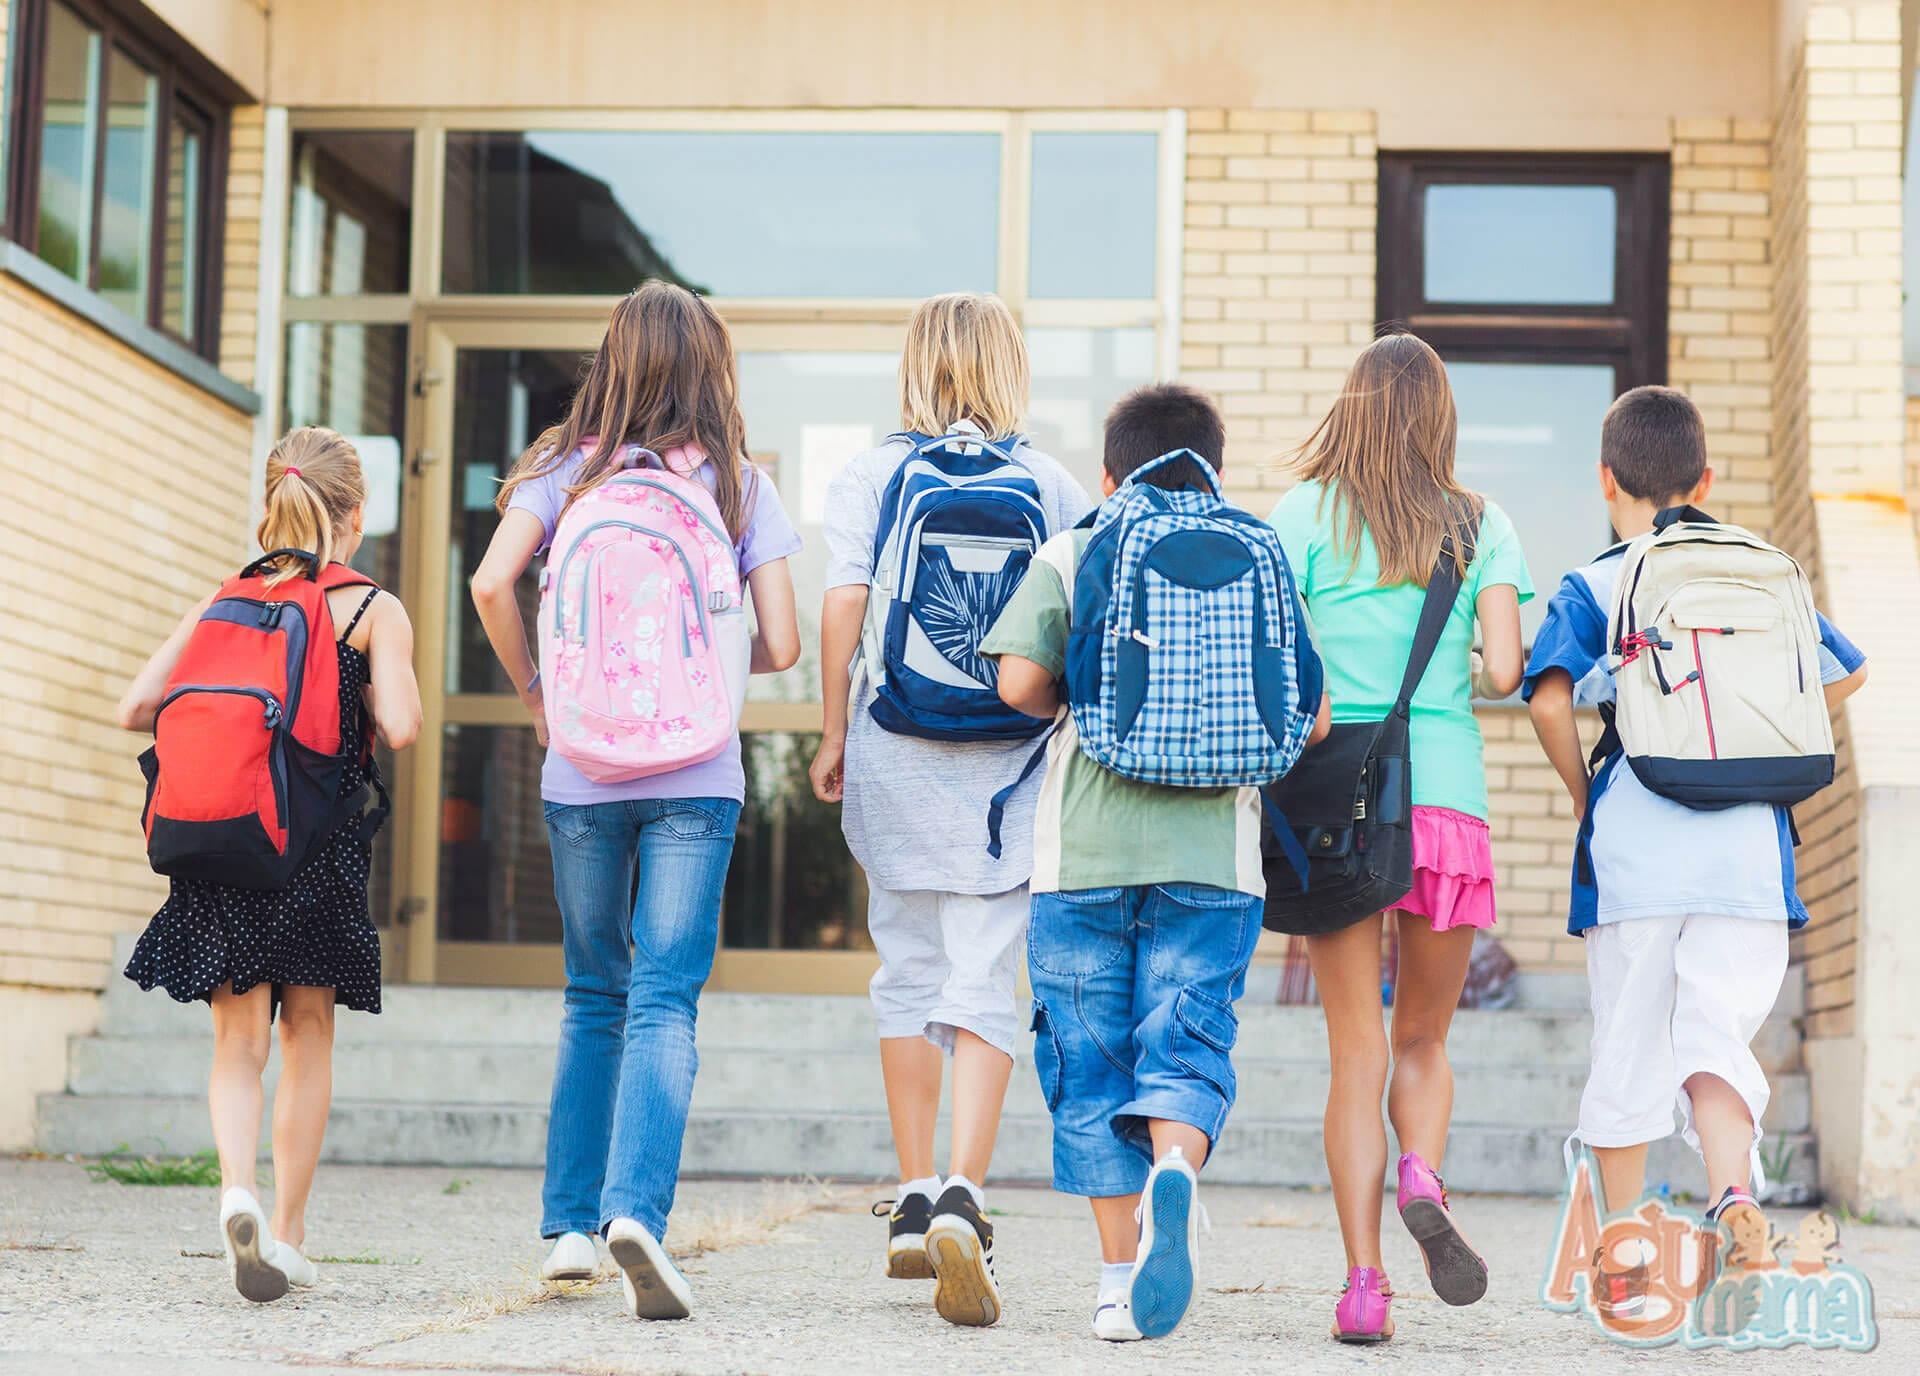 ubezpieczenie dziecka dzieci idące do szkoły